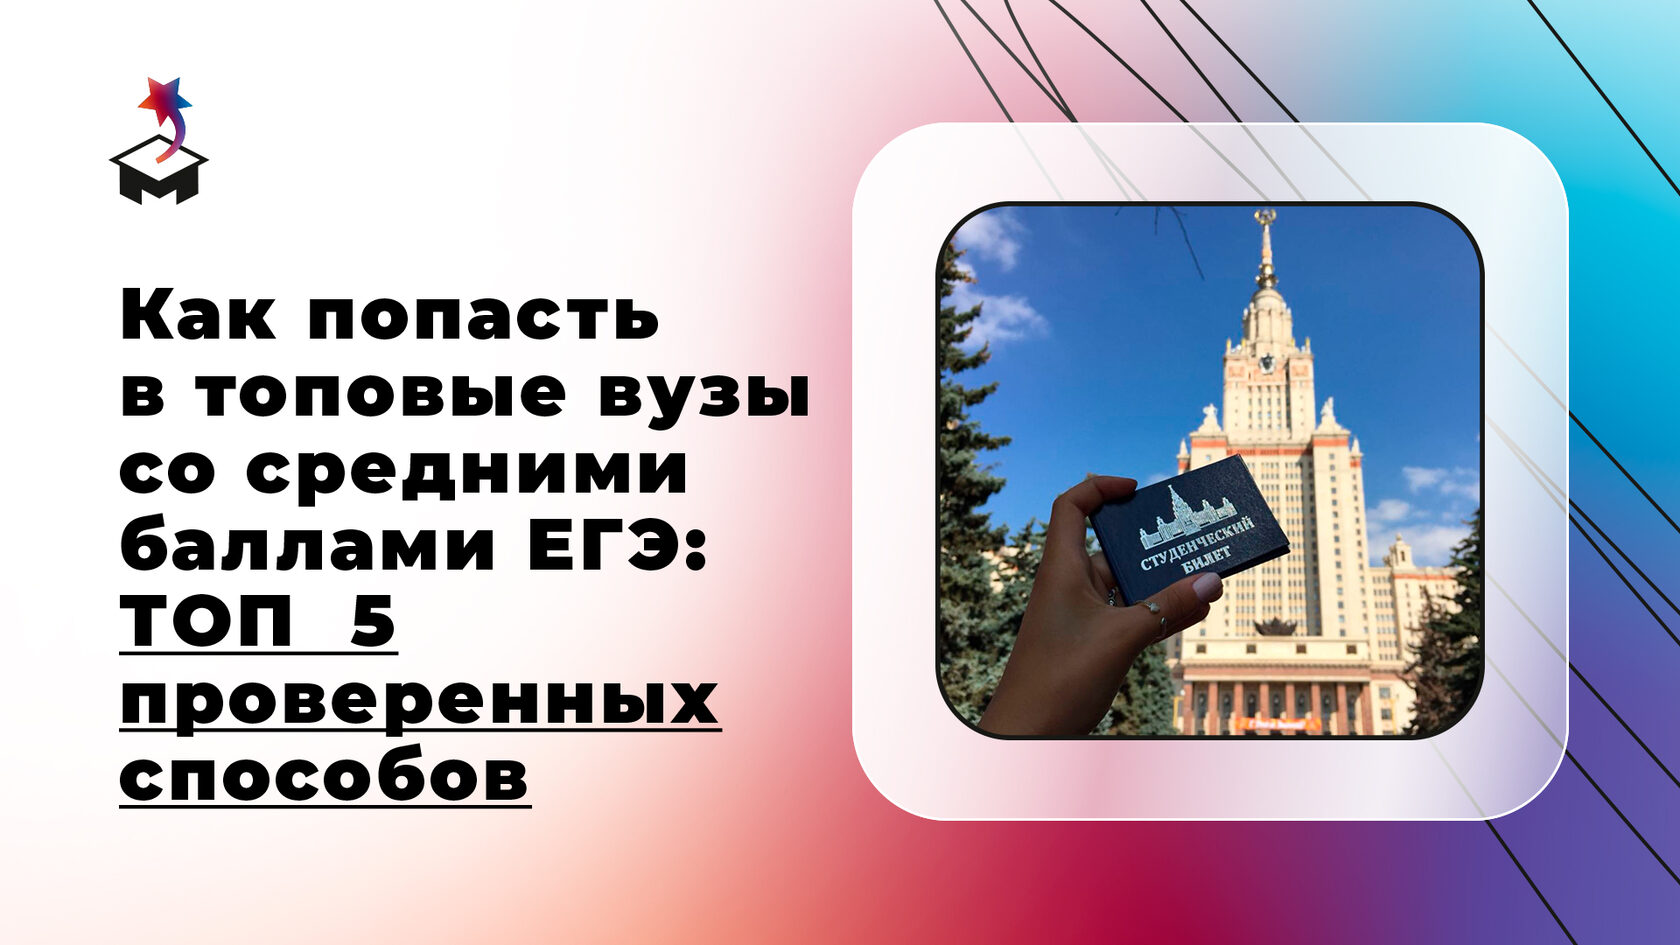 Студенческий билет на фоне МГУ